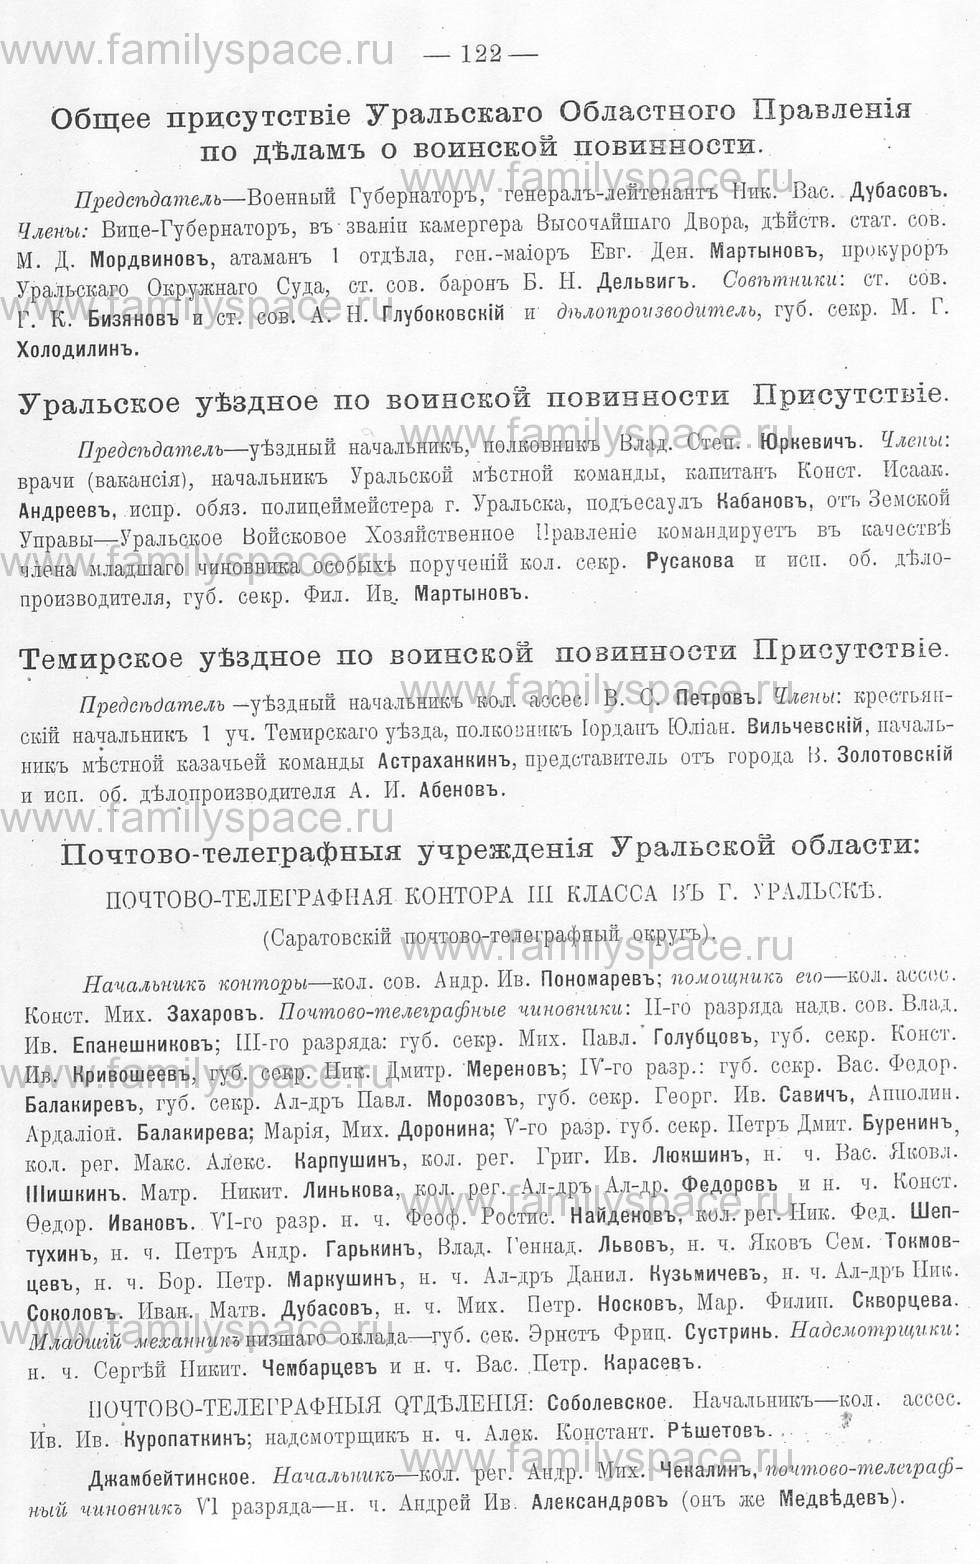 Поиск по фамилии - Памятная книжка Уральской области на 1913 год, страница 122